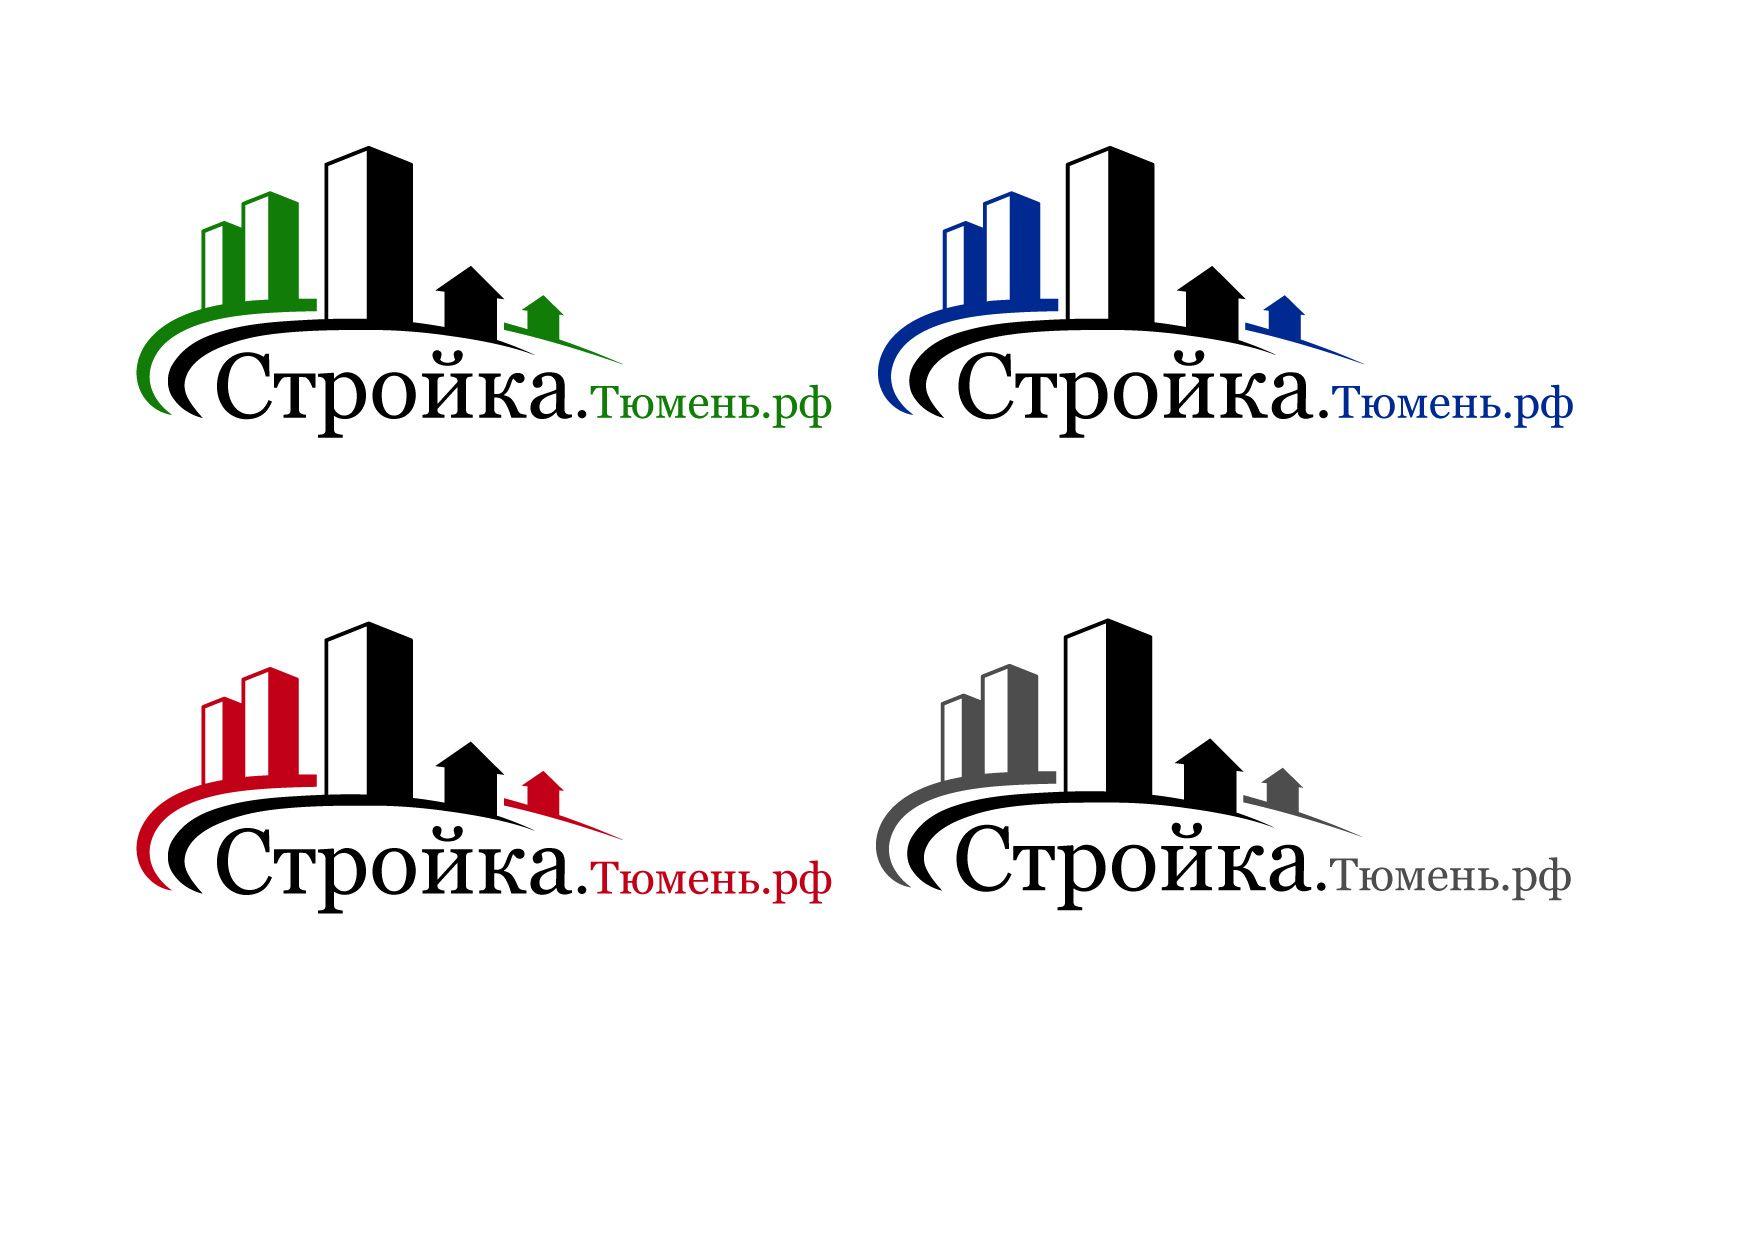 Логотип для строительного портала - дизайнер demian754